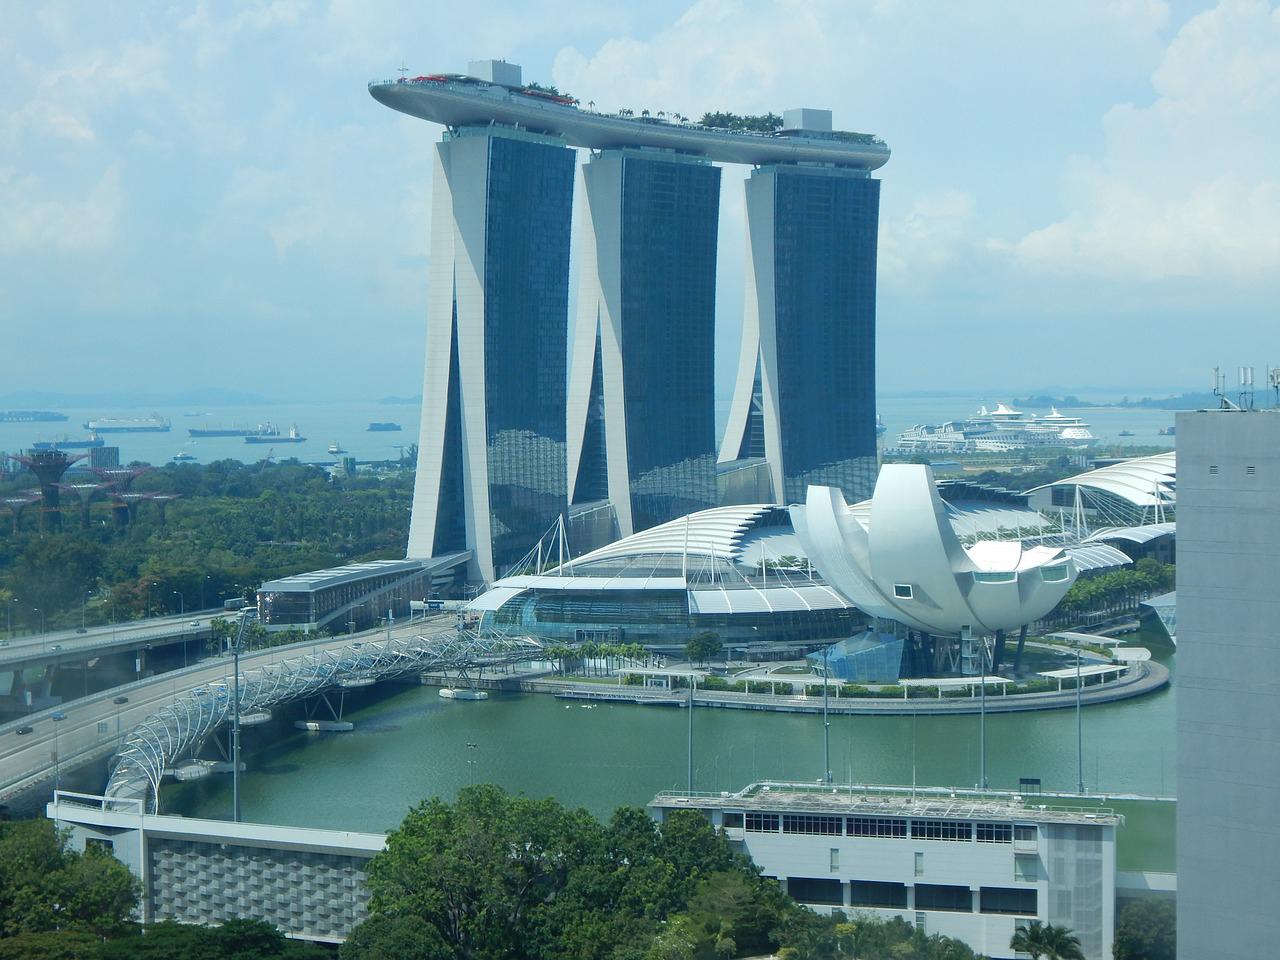 シンガポールの生活費の高さ  世界1位ではない? 所得税率を勘案